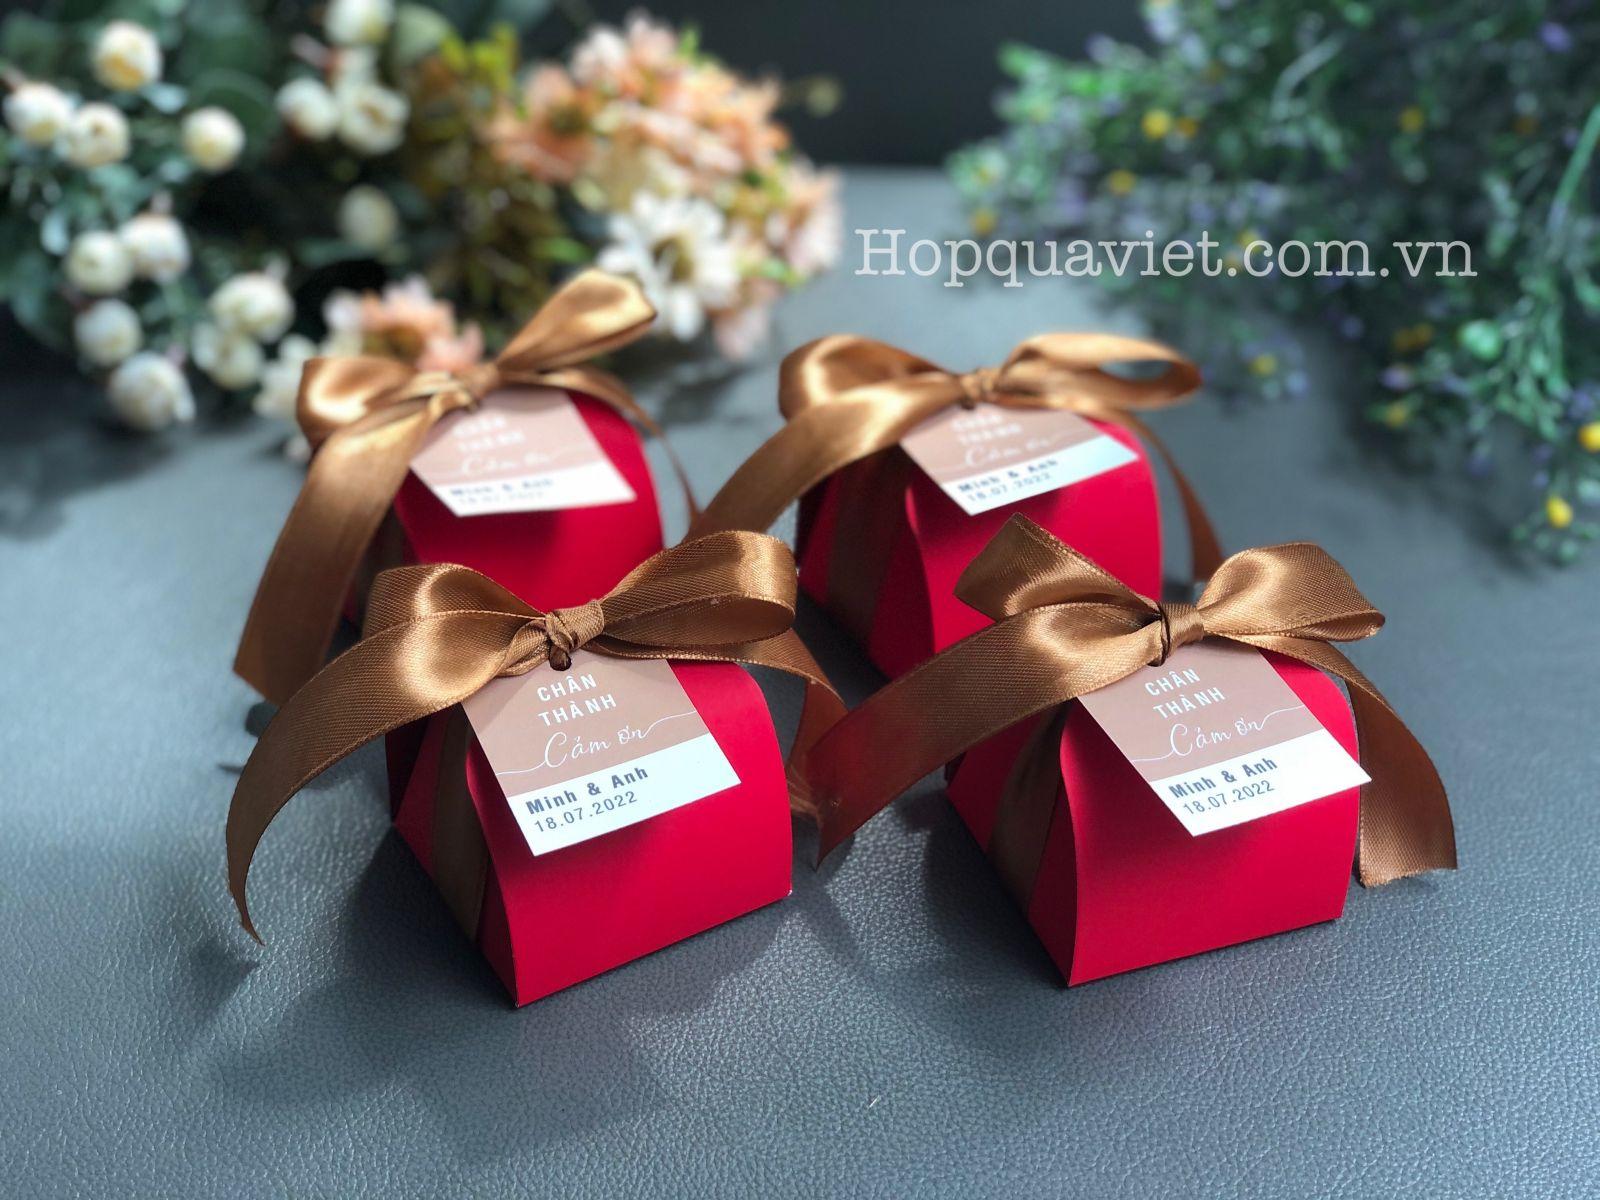 Hộp quà cưới đỏ nhung V5